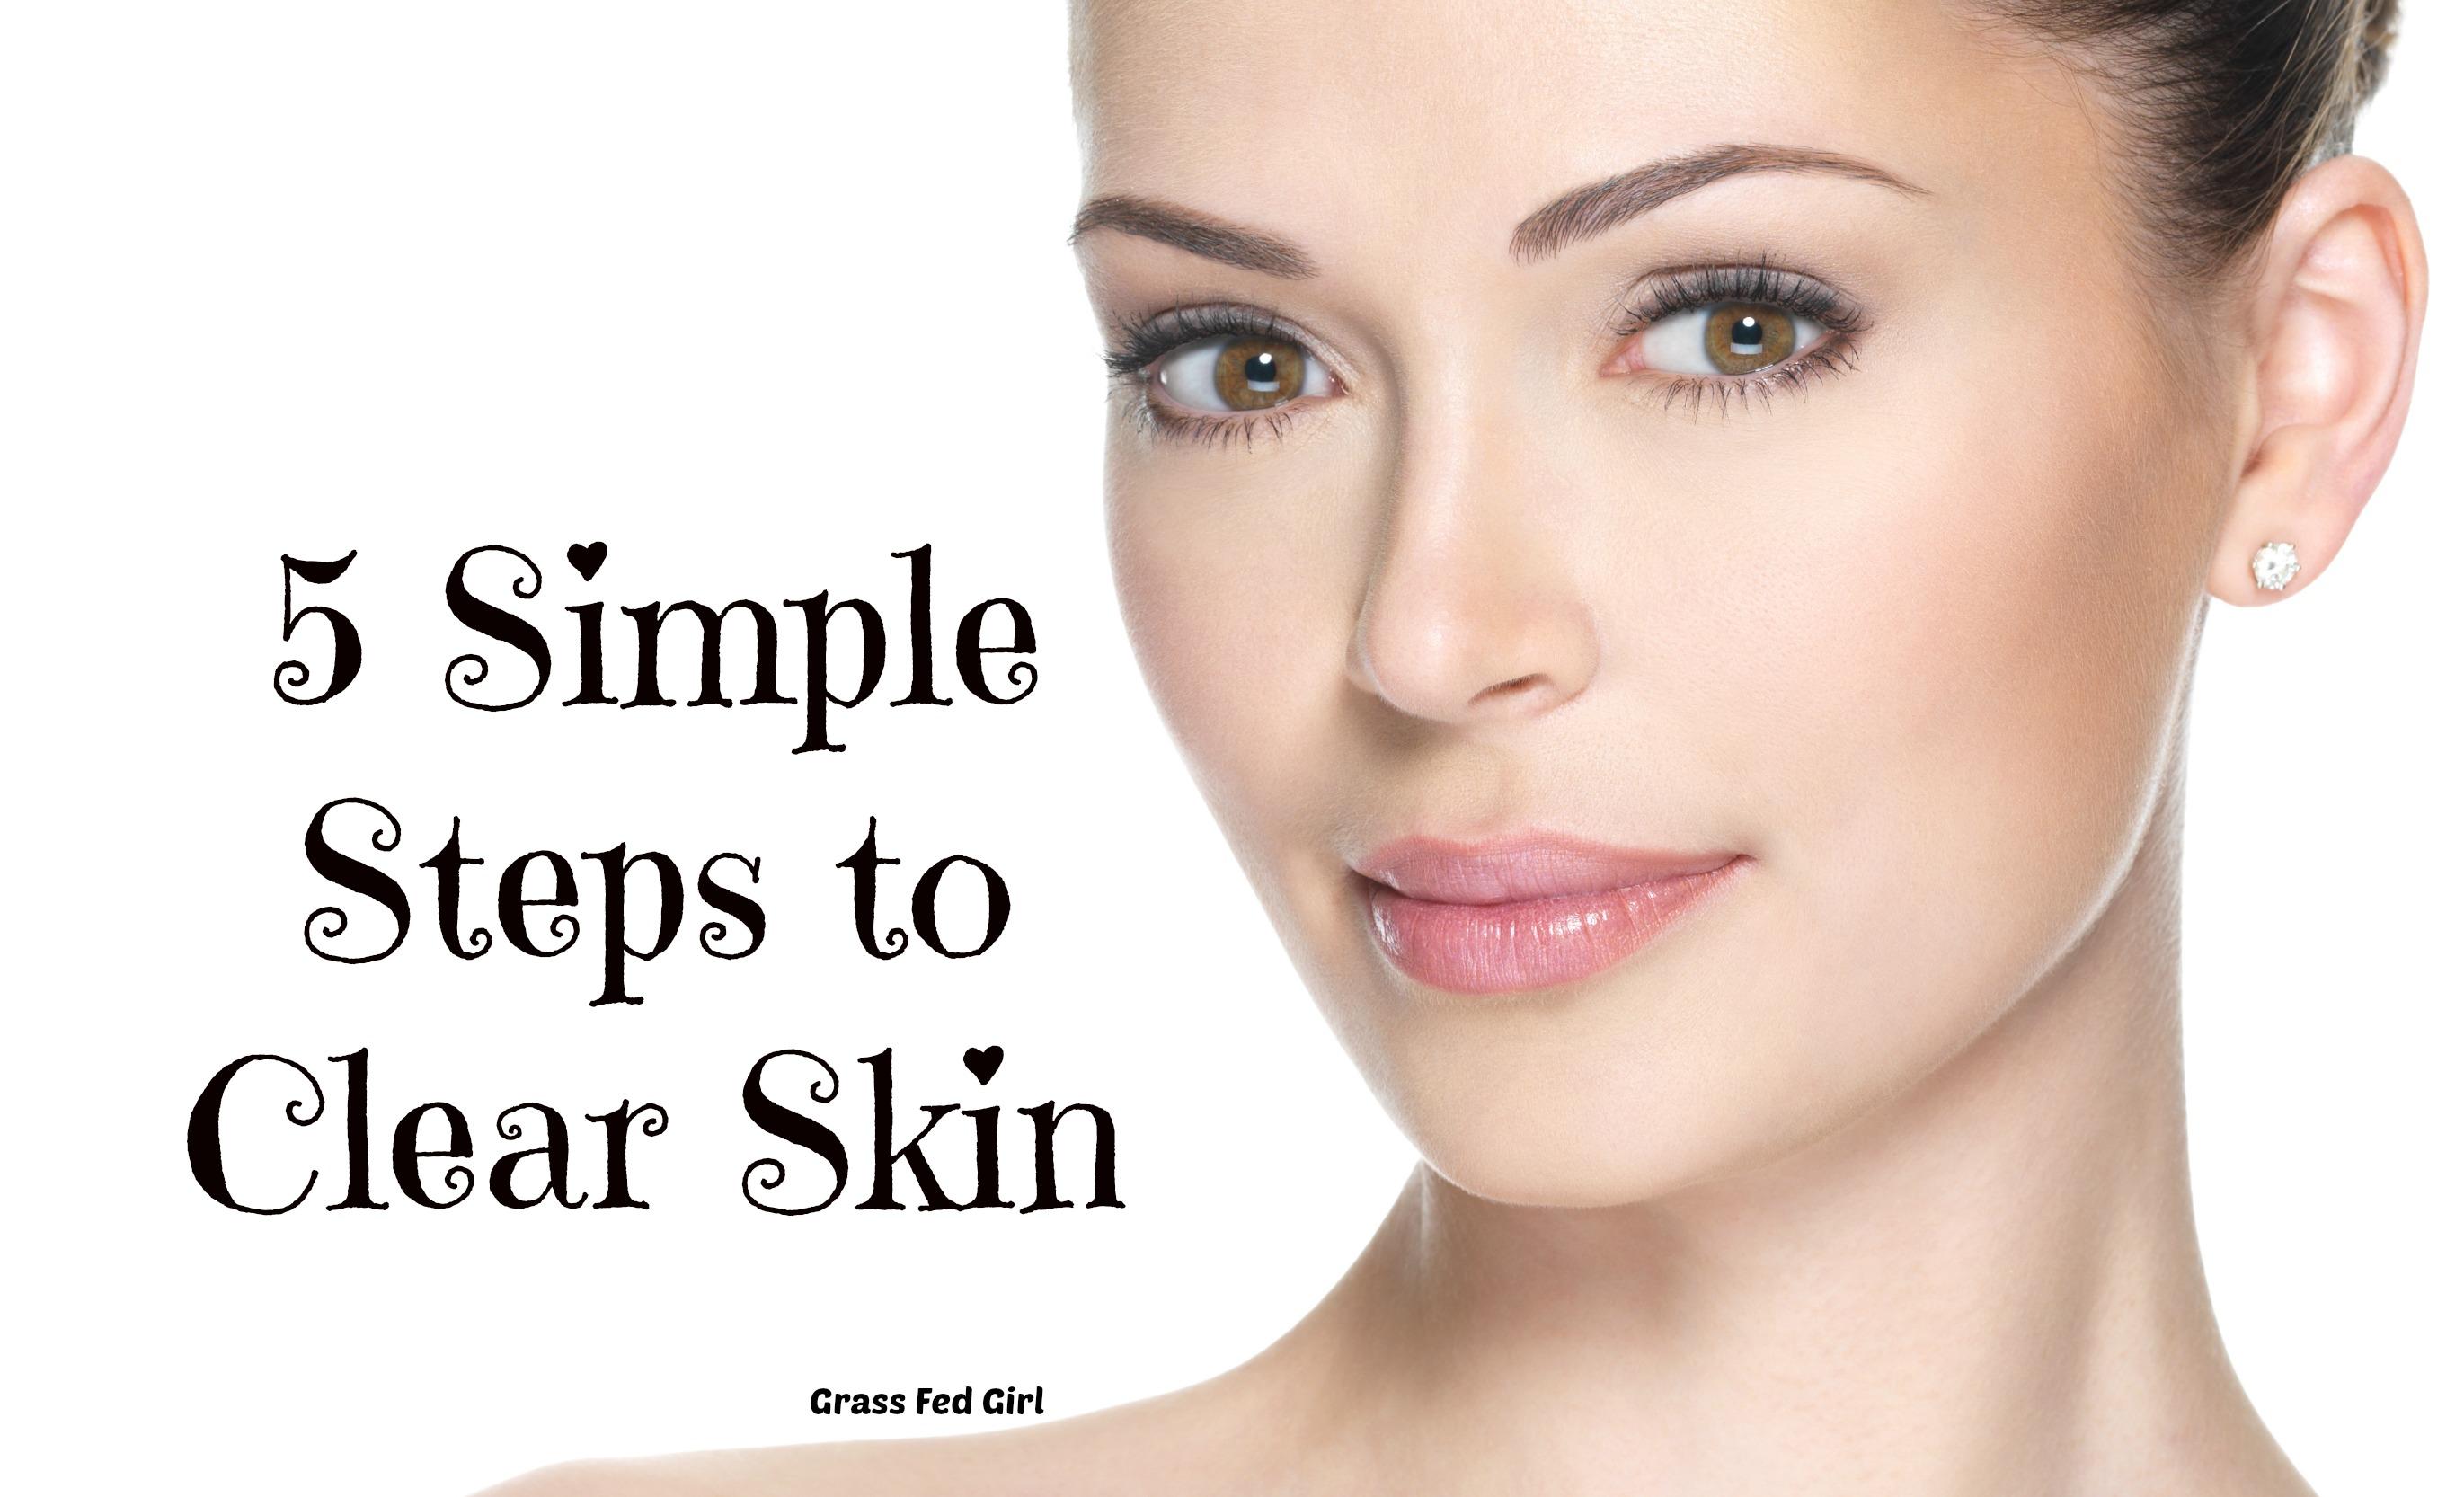 pilule contre l'acné jasminelle film